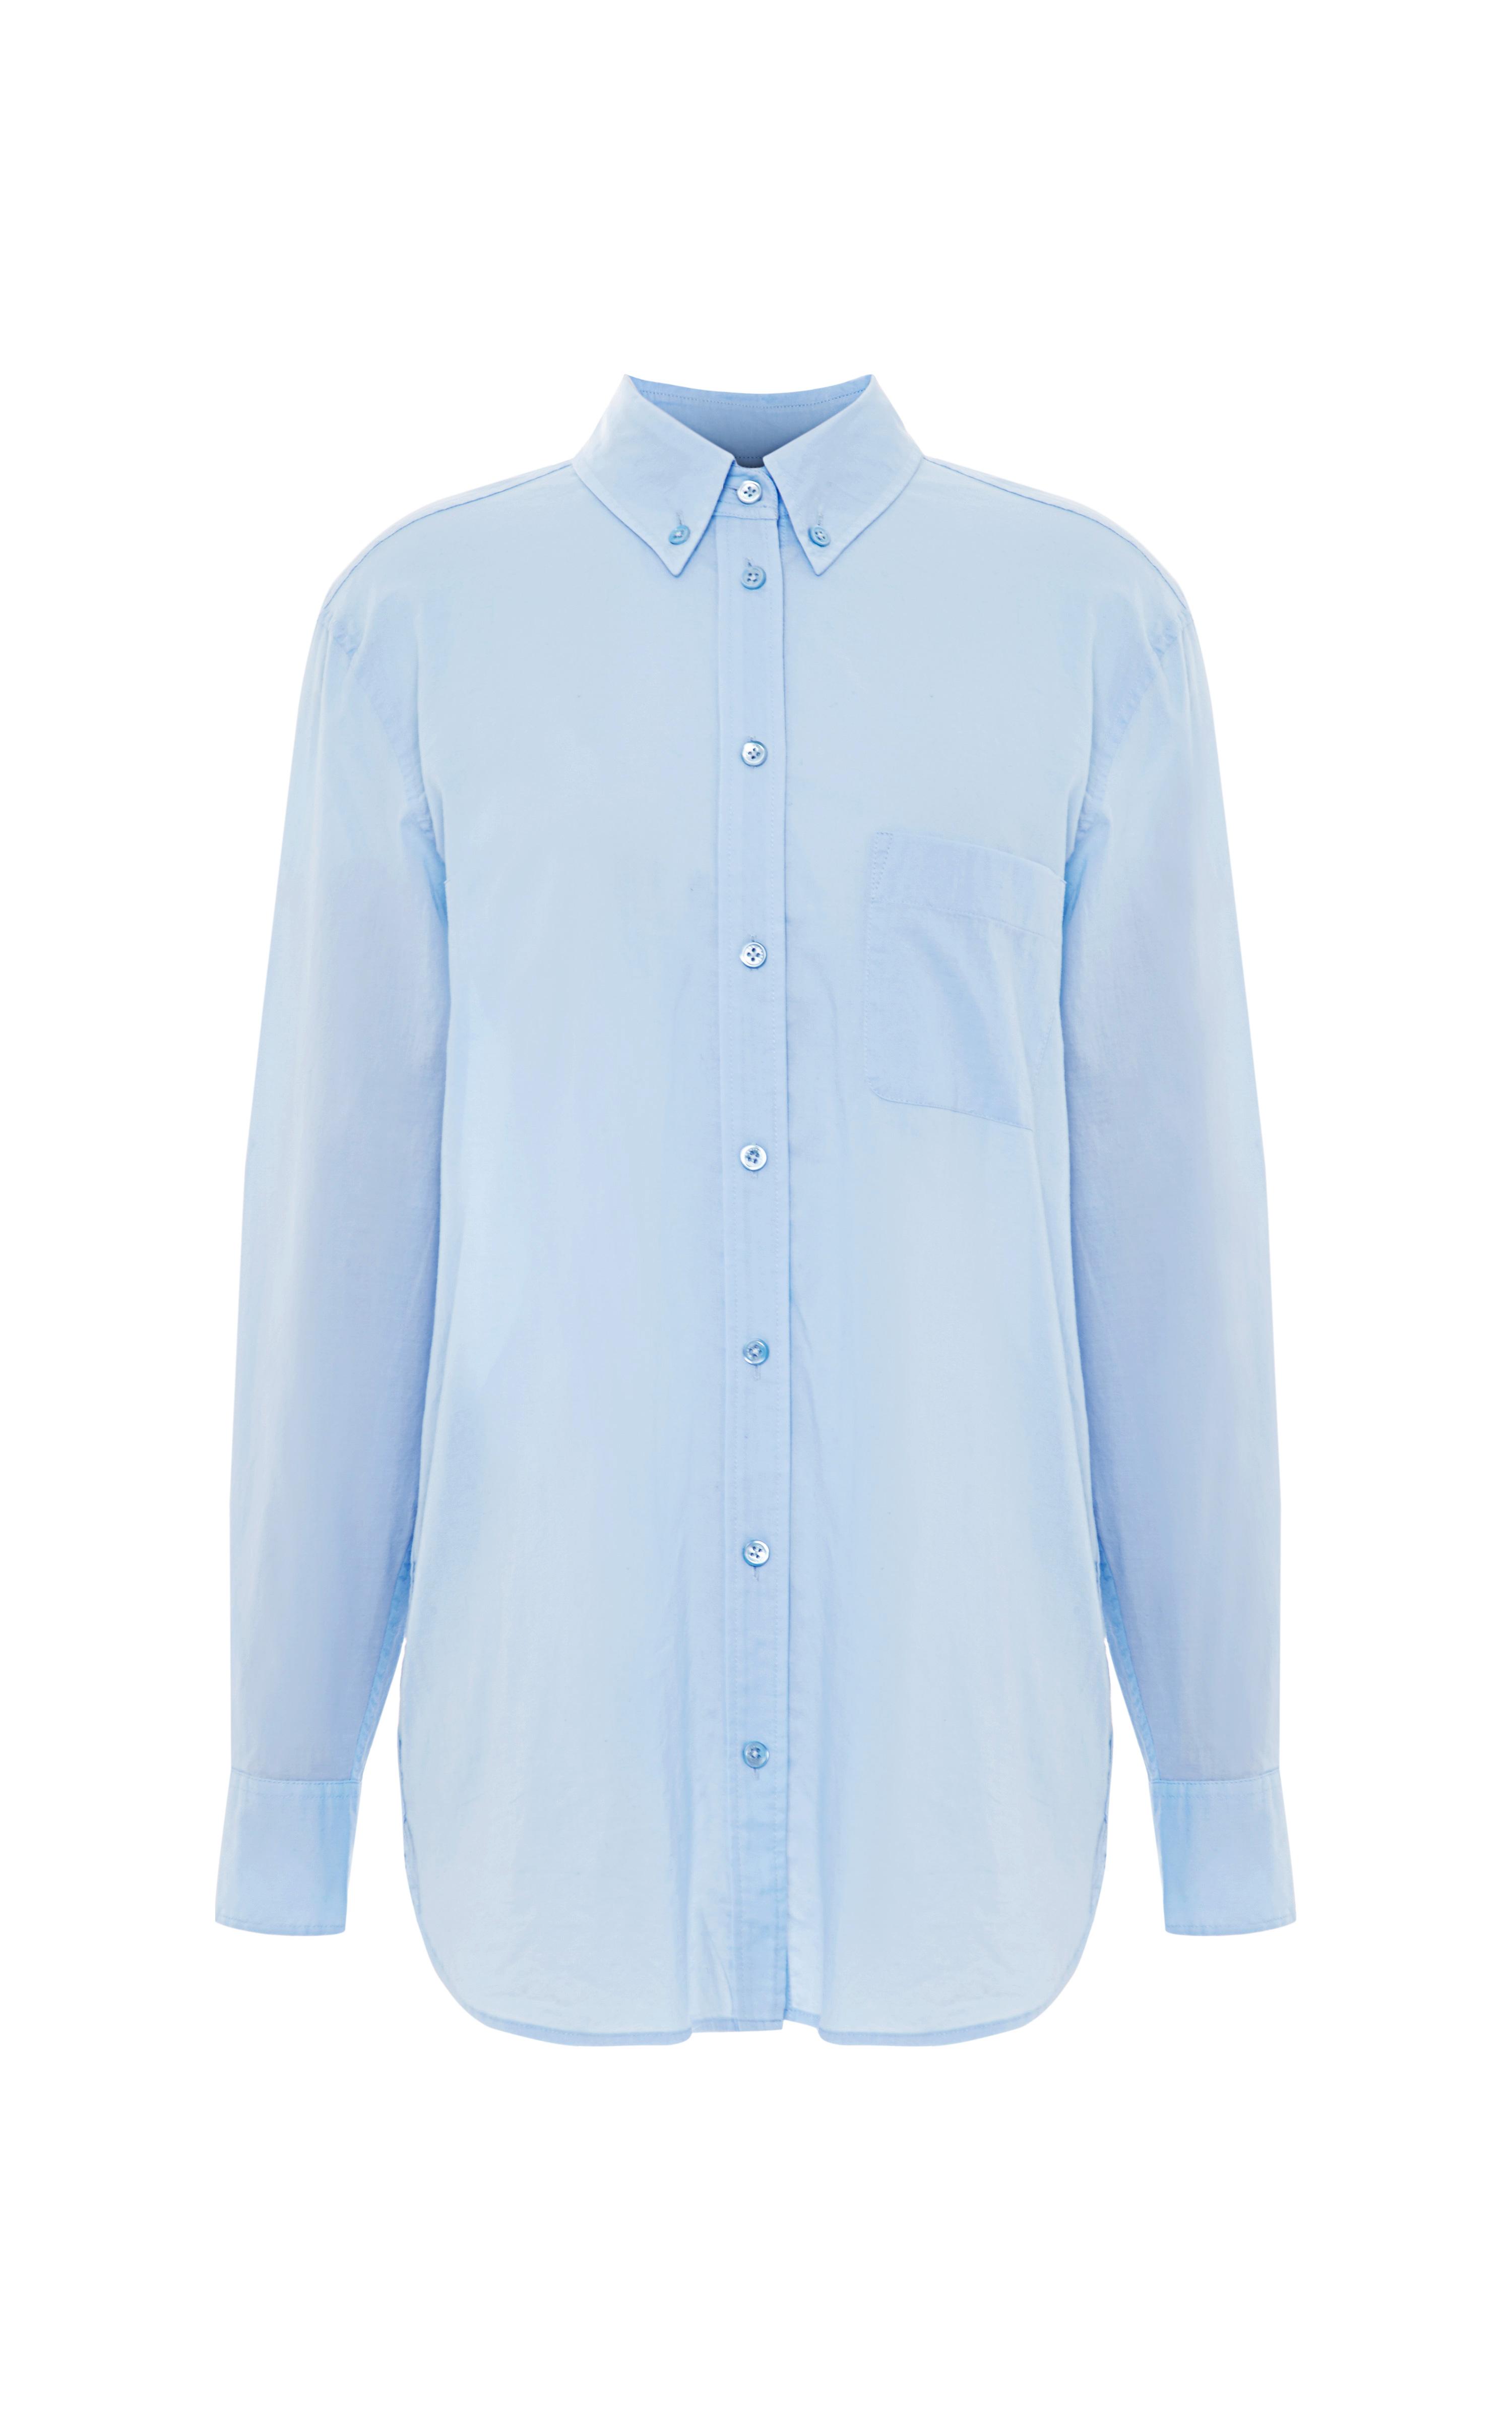 Lyst Equipment Margaux Cotton Buttondown Shirt In Blue